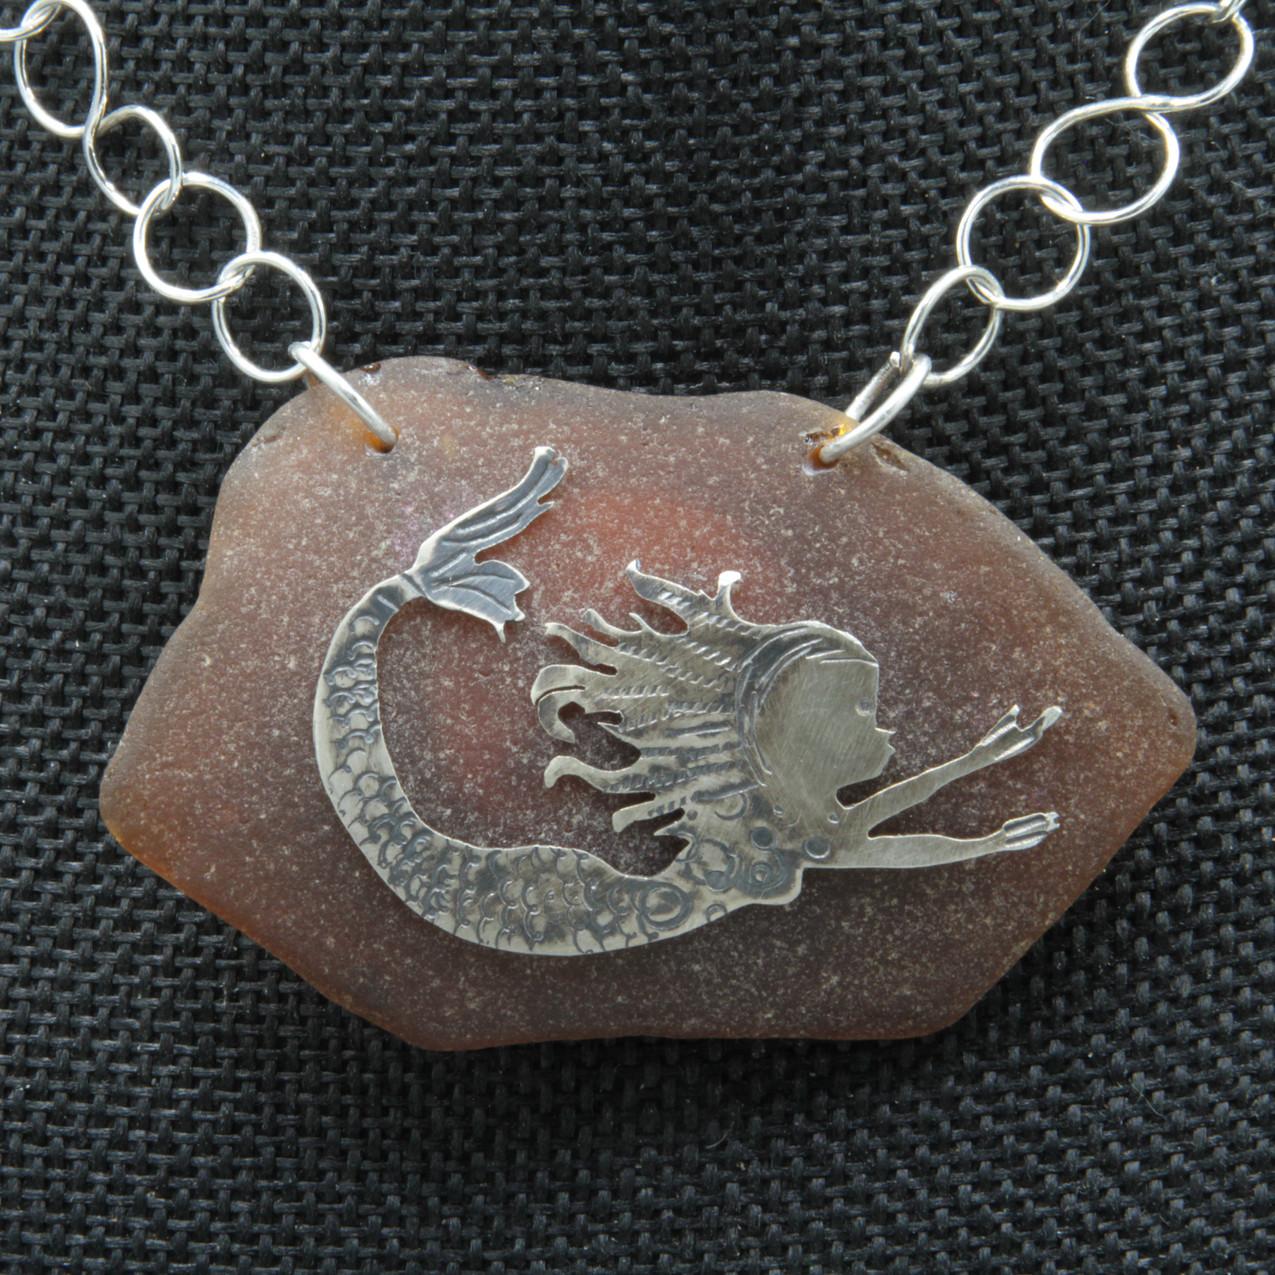 Nk silver brwn mermaid